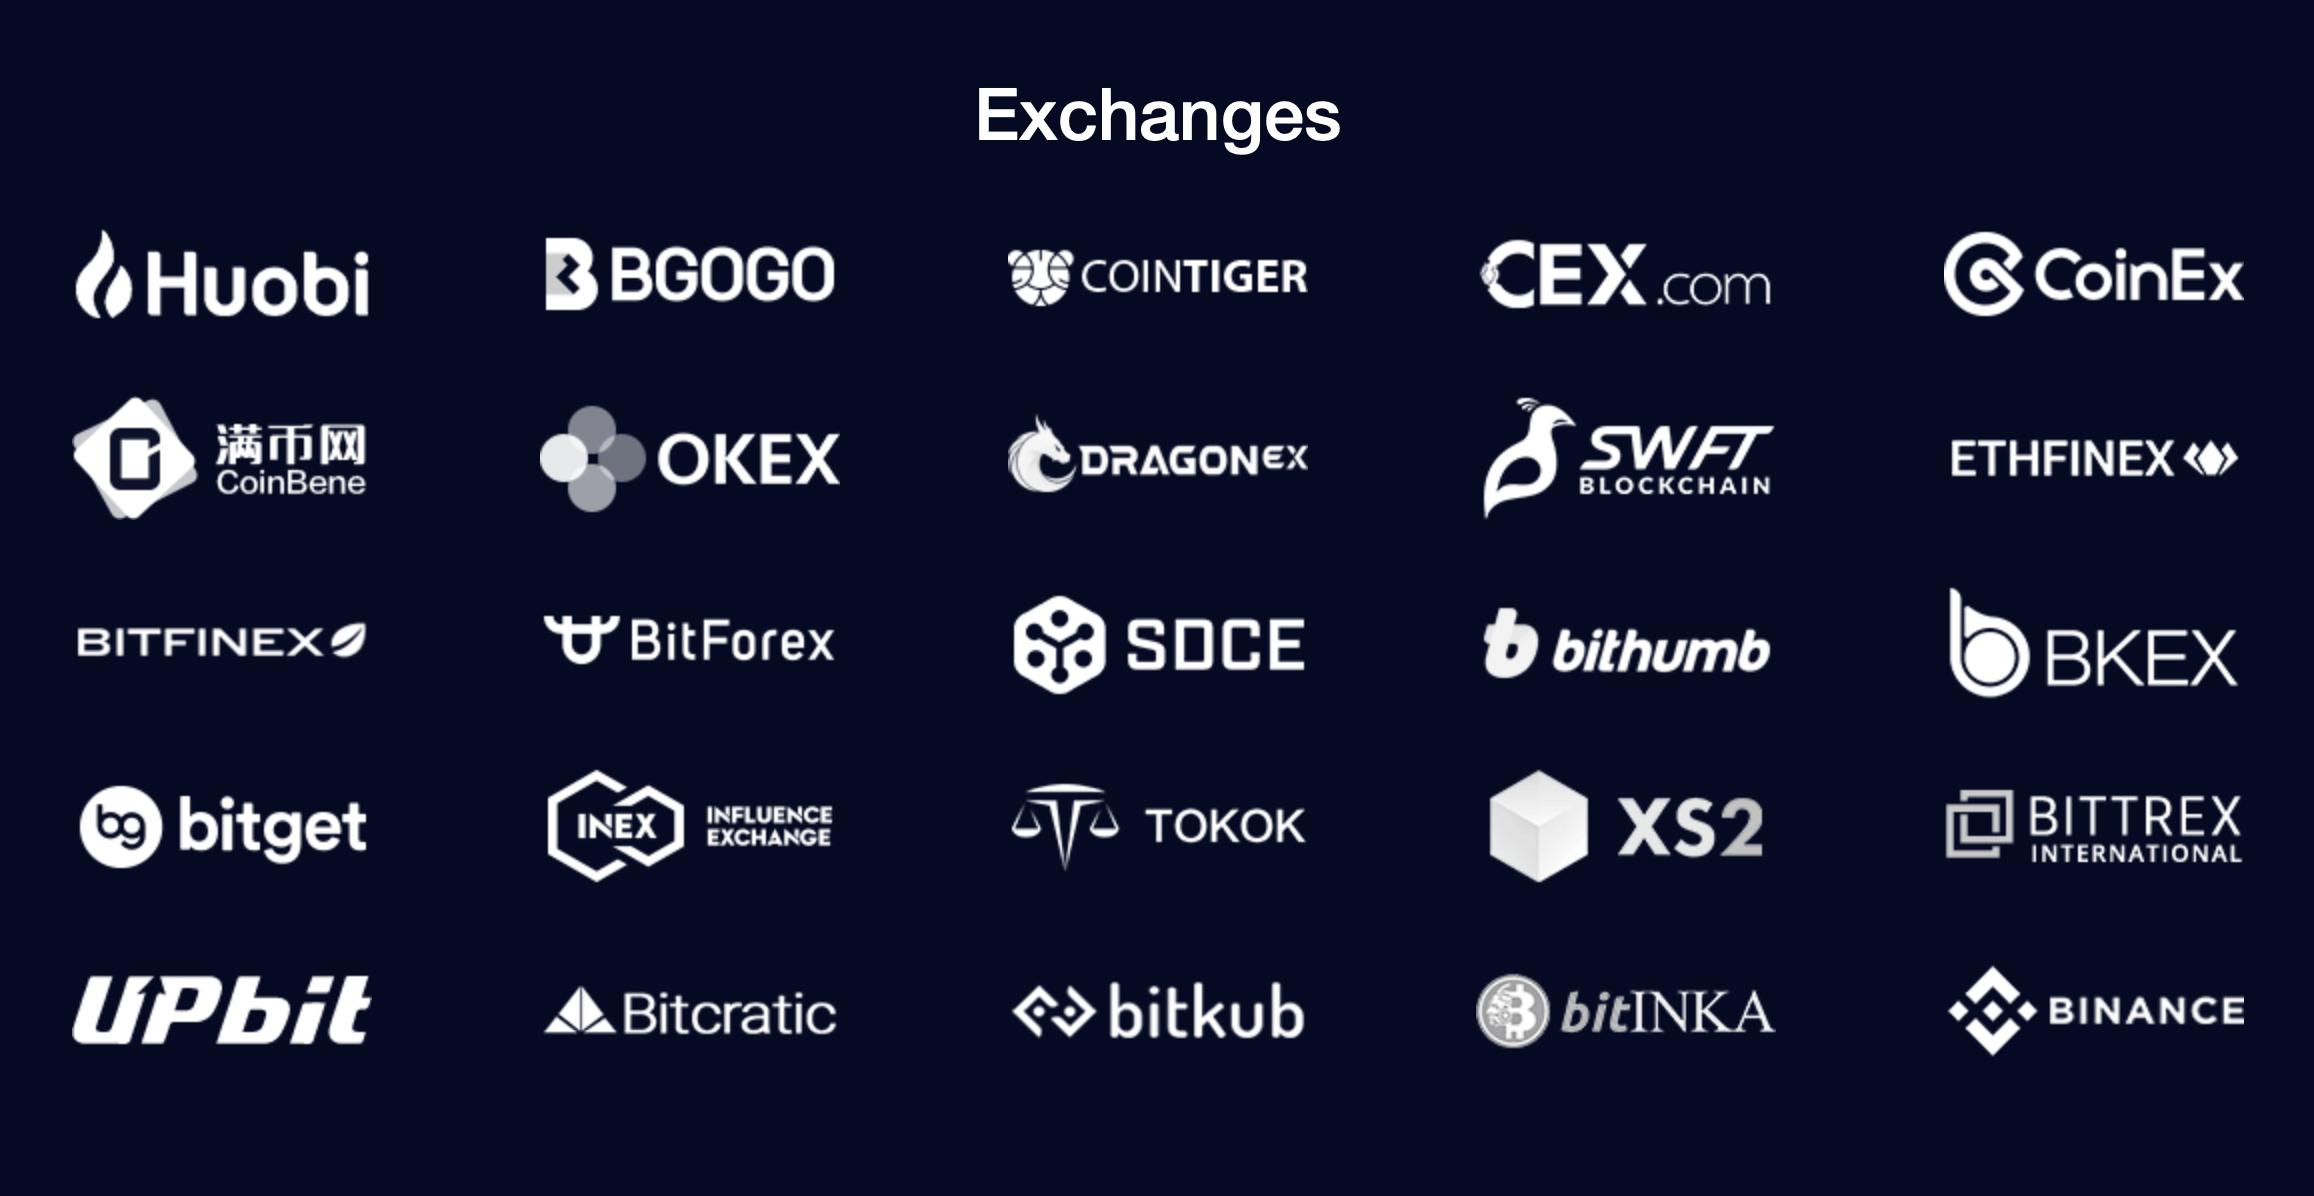 биржи с поддержкой Cortex